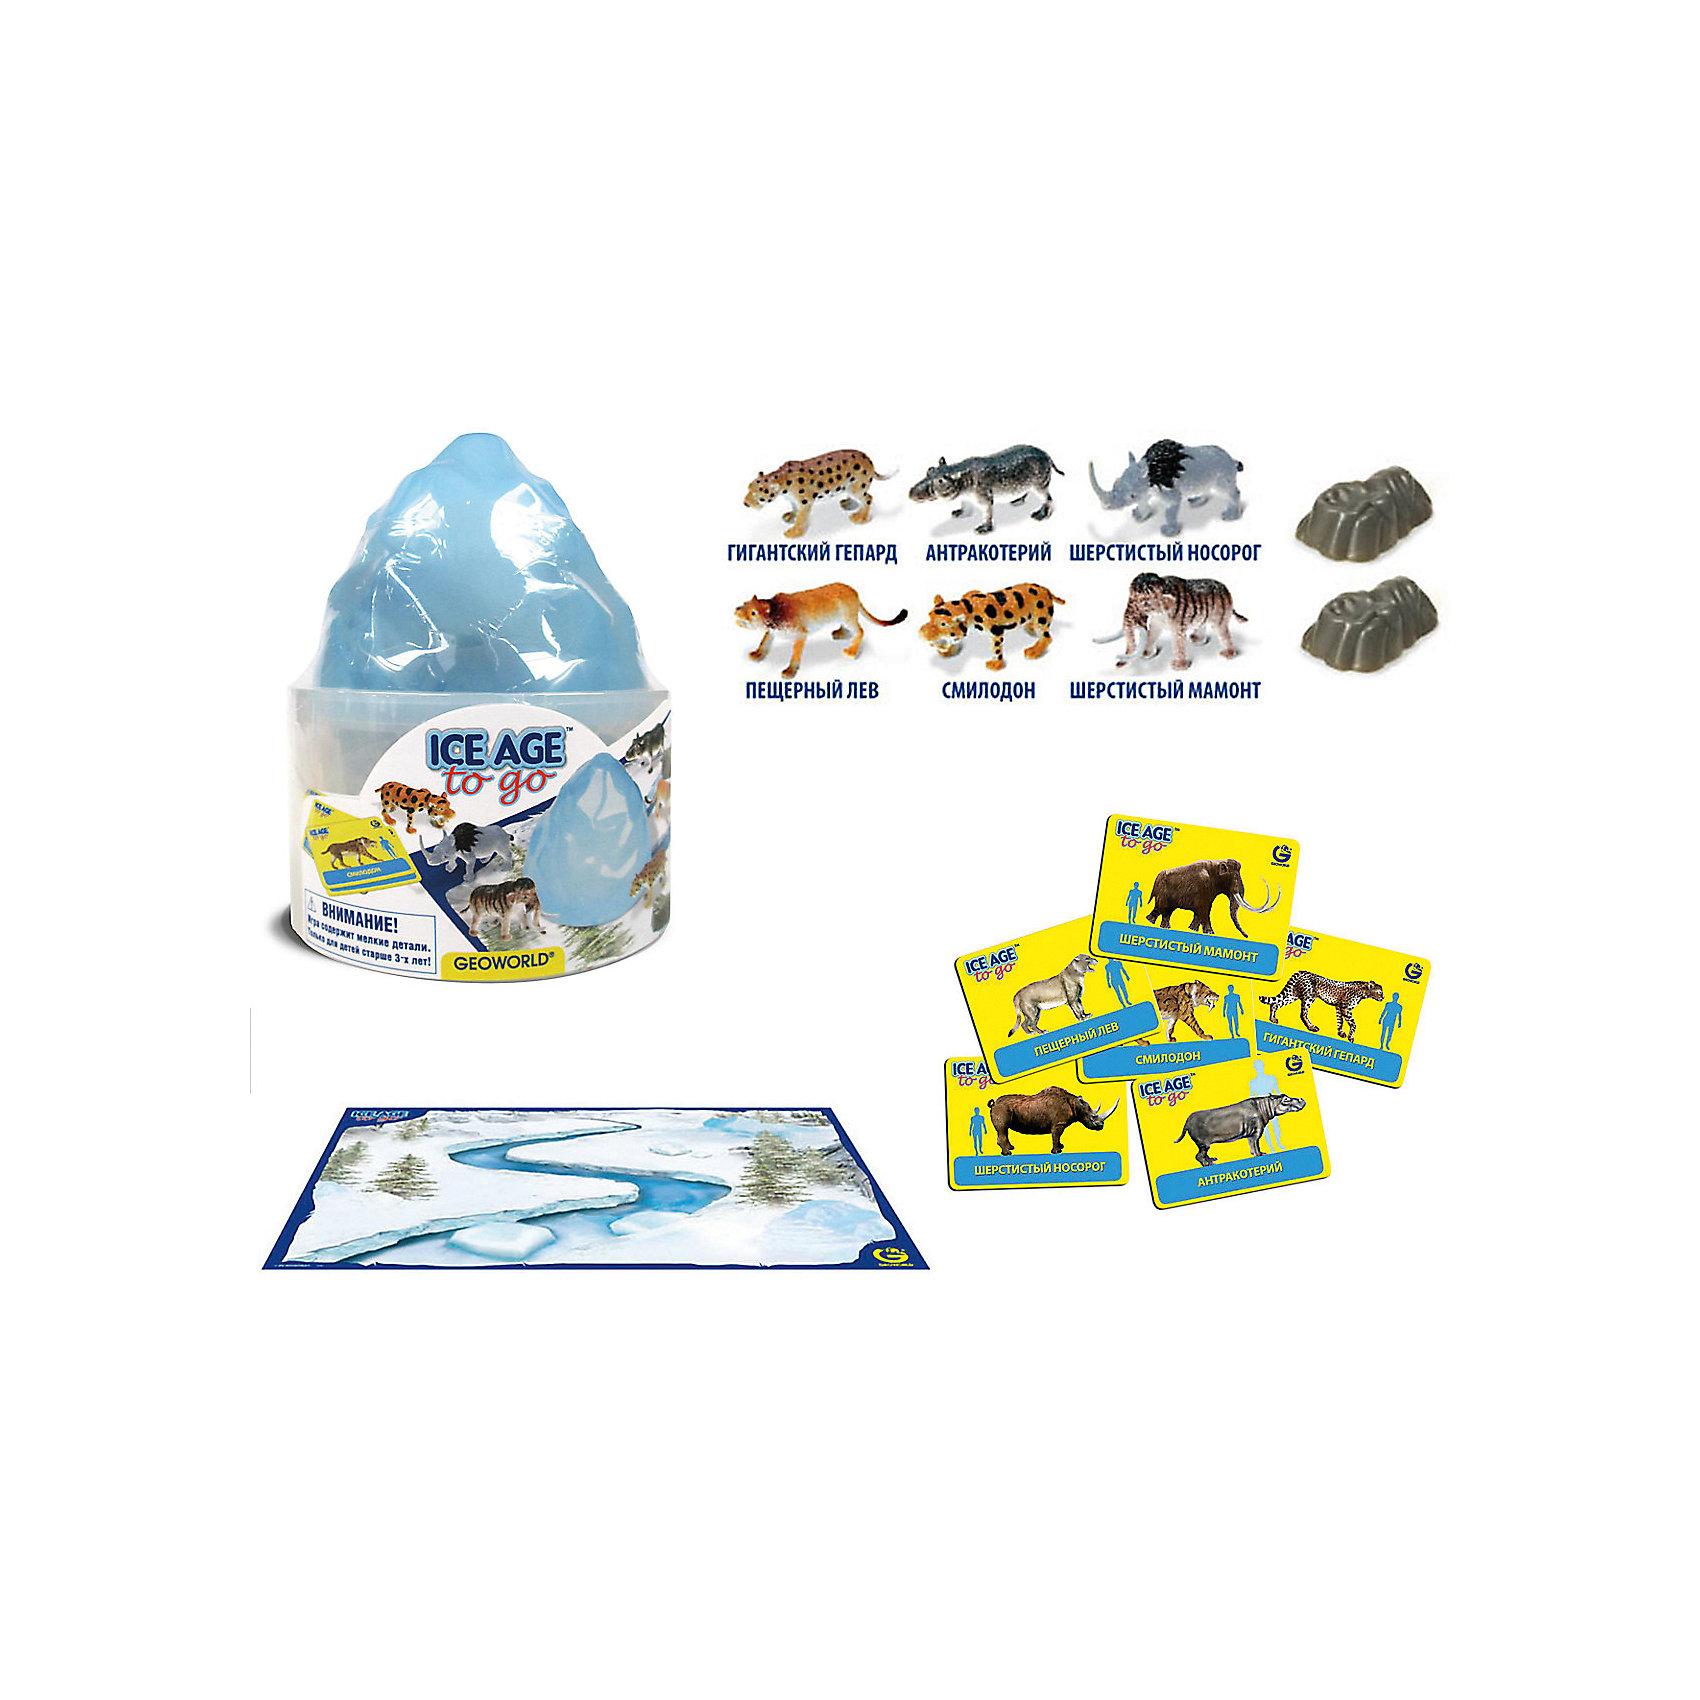 """Игровой набор """"Путешествуй и Играй! Ice Age to Go""""Динозавры и драконы<br>Игровой набор """"Путешествуй и Играй! Ice Age to Go"""".<br><br>Характеристики:<br><br>• В наборе: 6 игровых фигурок животных ледникового периода, 2 скалы, 6 карточек, игровое поле–постер<br>• Размер фигурок: 5 см.<br>• Размер постера: 59х42 см.<br>• Материал: пластик, картон<br>• Размер упаковки: 12,5x12,5x15 см.<br><br>С научно-познавательным игровым набором """"Путешествуй и Играй! Ice Age to Go"""" ваш ребенок «воссоздаст» доисторический мир в ледниковый период и «поселит» на его просторах животных ледникового периода. Набор включает в себя 6 фигурок животных, которые раскрашены вручную. Фигурки выполнены с высокой степенью научной достоверности, в соответствии с прогрессивными взглядами науки. <br><br>Животным, входящим в набор, соответствуют карточки с научной информацией о каждом из них. В наборе также есть большой постер с изображением заснеженного ландшафта, 2 пластиковые скалы. Набор изготовлен из высококачественных материалов, которые абсолютно безопасны для ребенка.<br><br>Игровой набор """"Путешествуй и Играй! Ice Age to Go"""" можно купить в нашем интернет-магазине.<br><br>Ширина мм: 125<br>Глубина мм: 125<br>Высота мм: 150<br>Вес г: 202<br>Возраст от месяцев: 48<br>Возраст до месяцев: 48<br>Пол: Женский<br>Возраст: Детский<br>SKU: 5490342"""